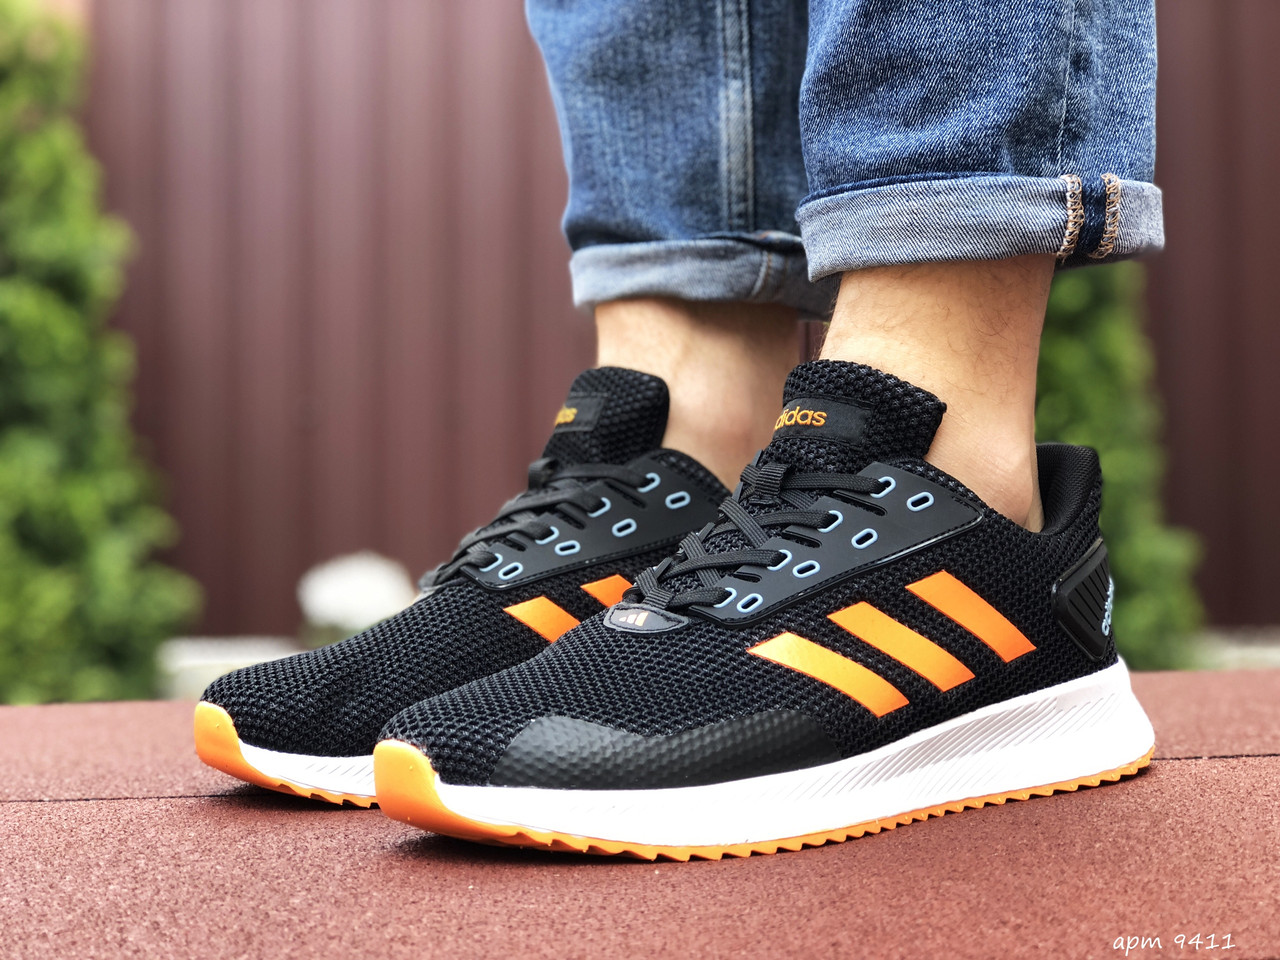 Мужские кроссовки Adidas black/white/orange. [Размеры в наличии: 41,42,43,44,45]